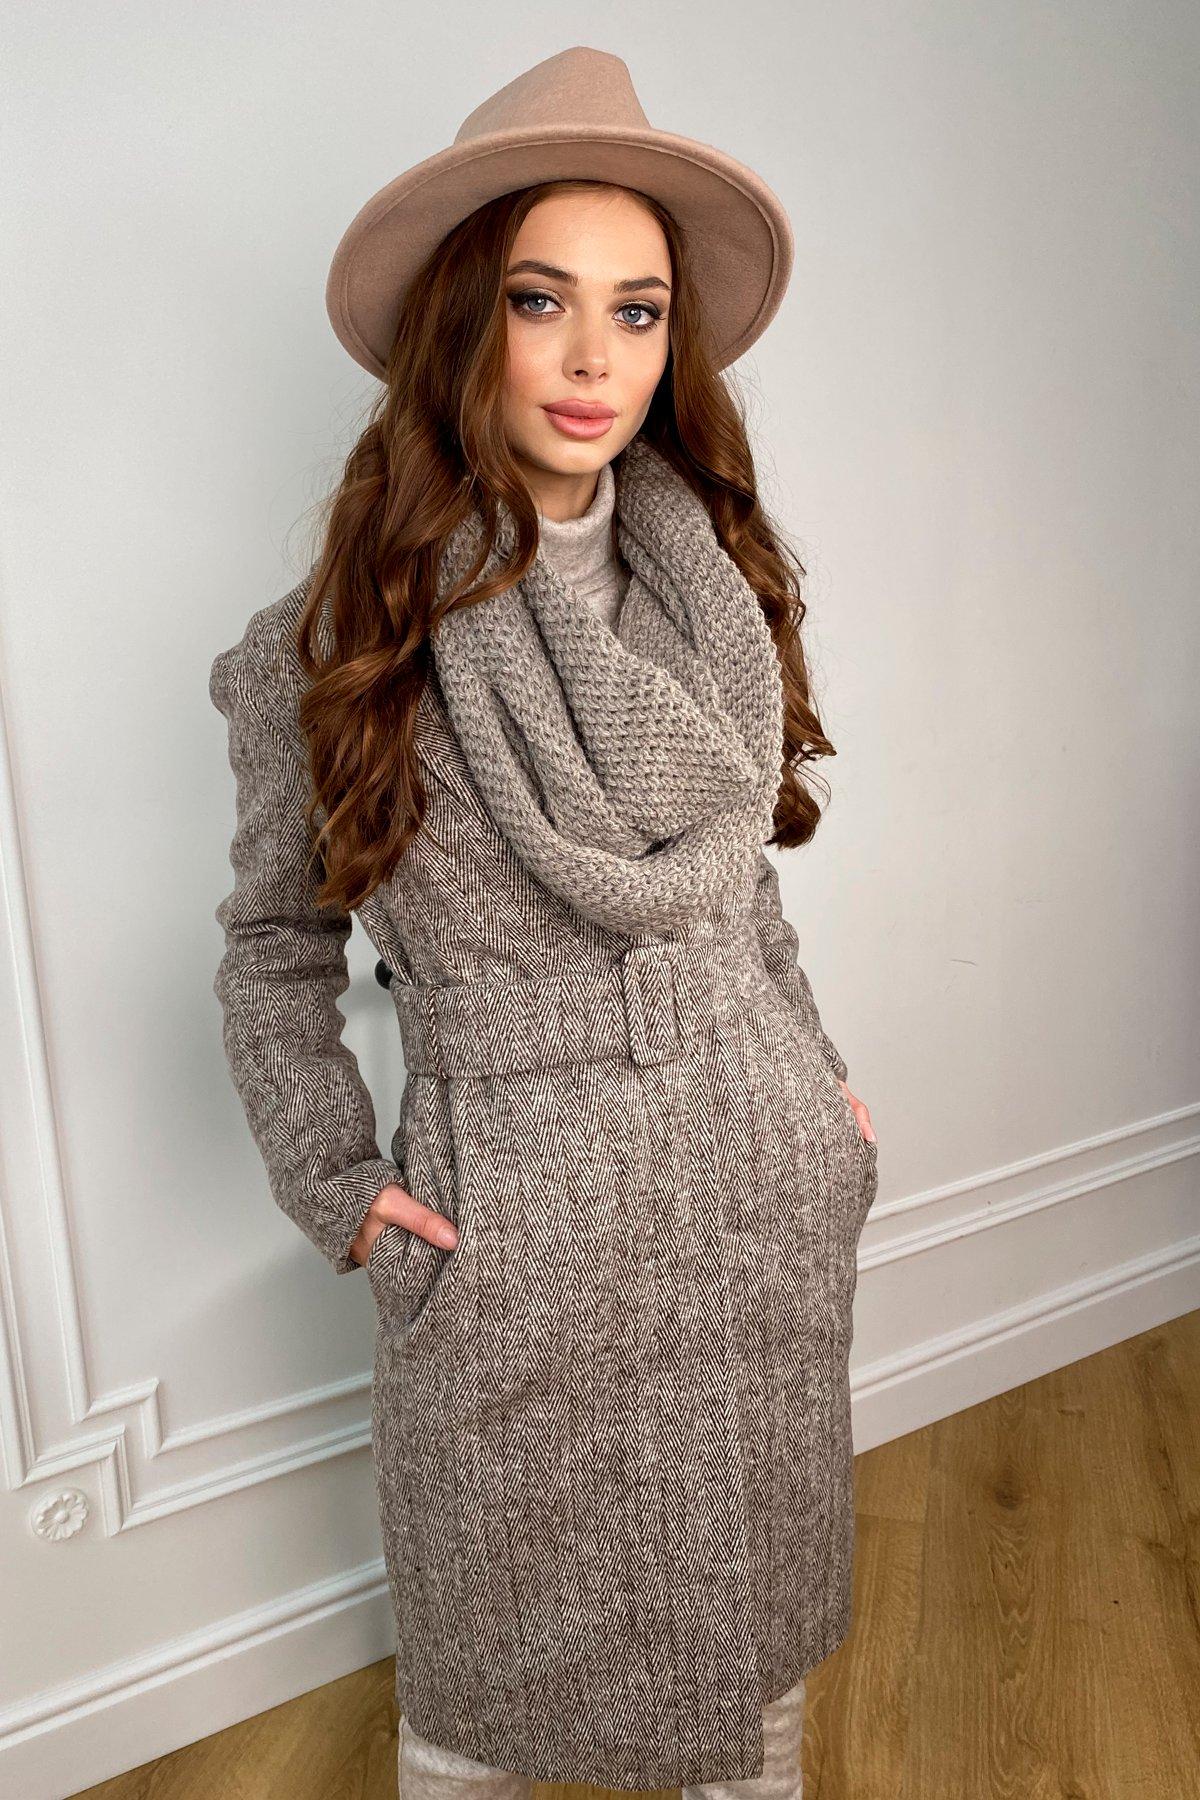 Зимнее пальто полуприталенного кроя Севен 8262 АРТ. 44330 Цвет: шоколад/молоко - фото 4, интернет магазин tm-modus.ru